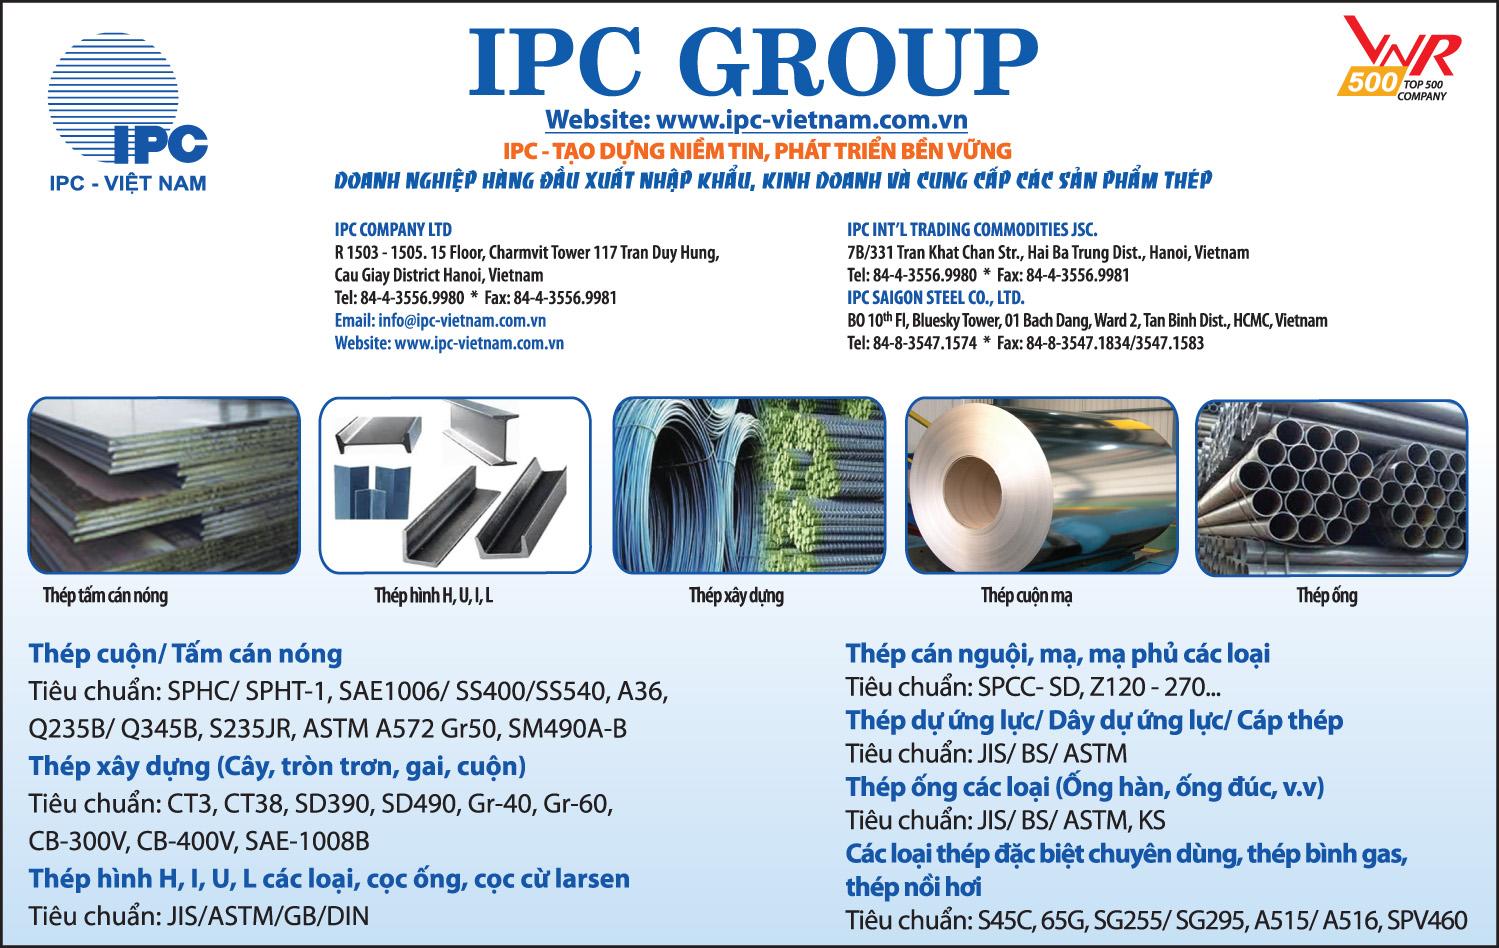 Công ty TNHH IPC